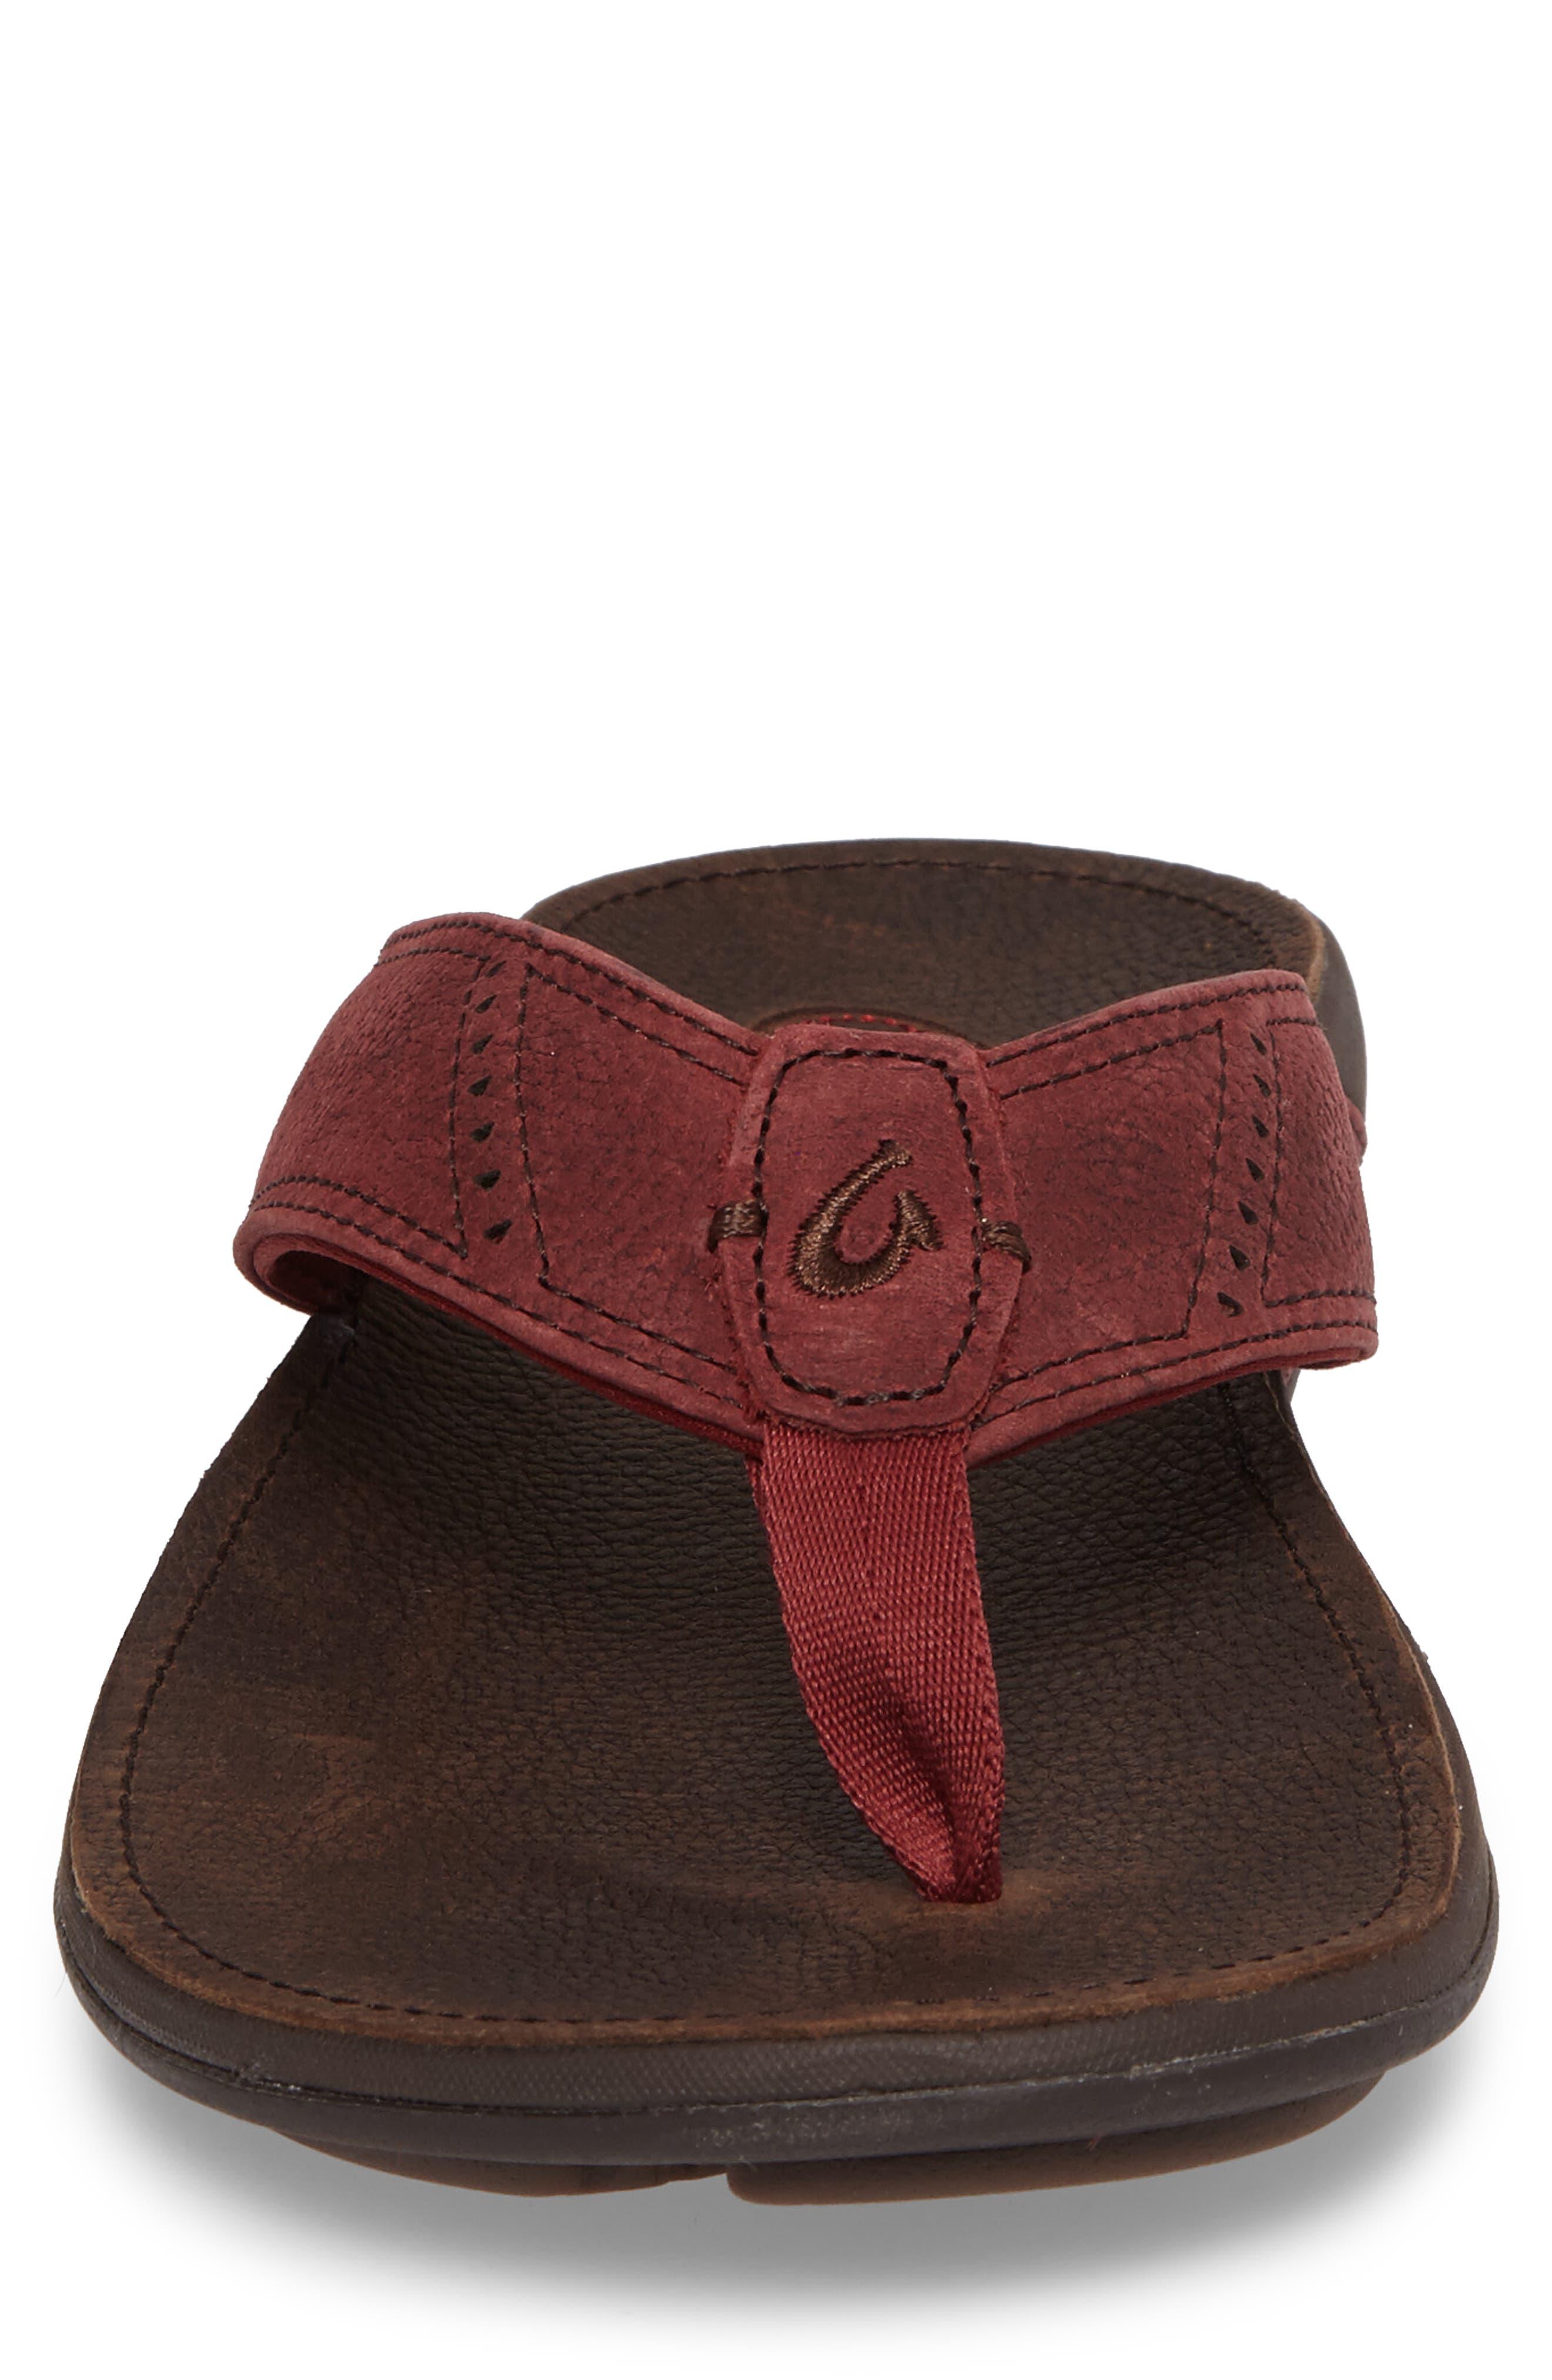 Alternate Image 4  - OluKai 'Nui' Leather Flip Flop (Men)